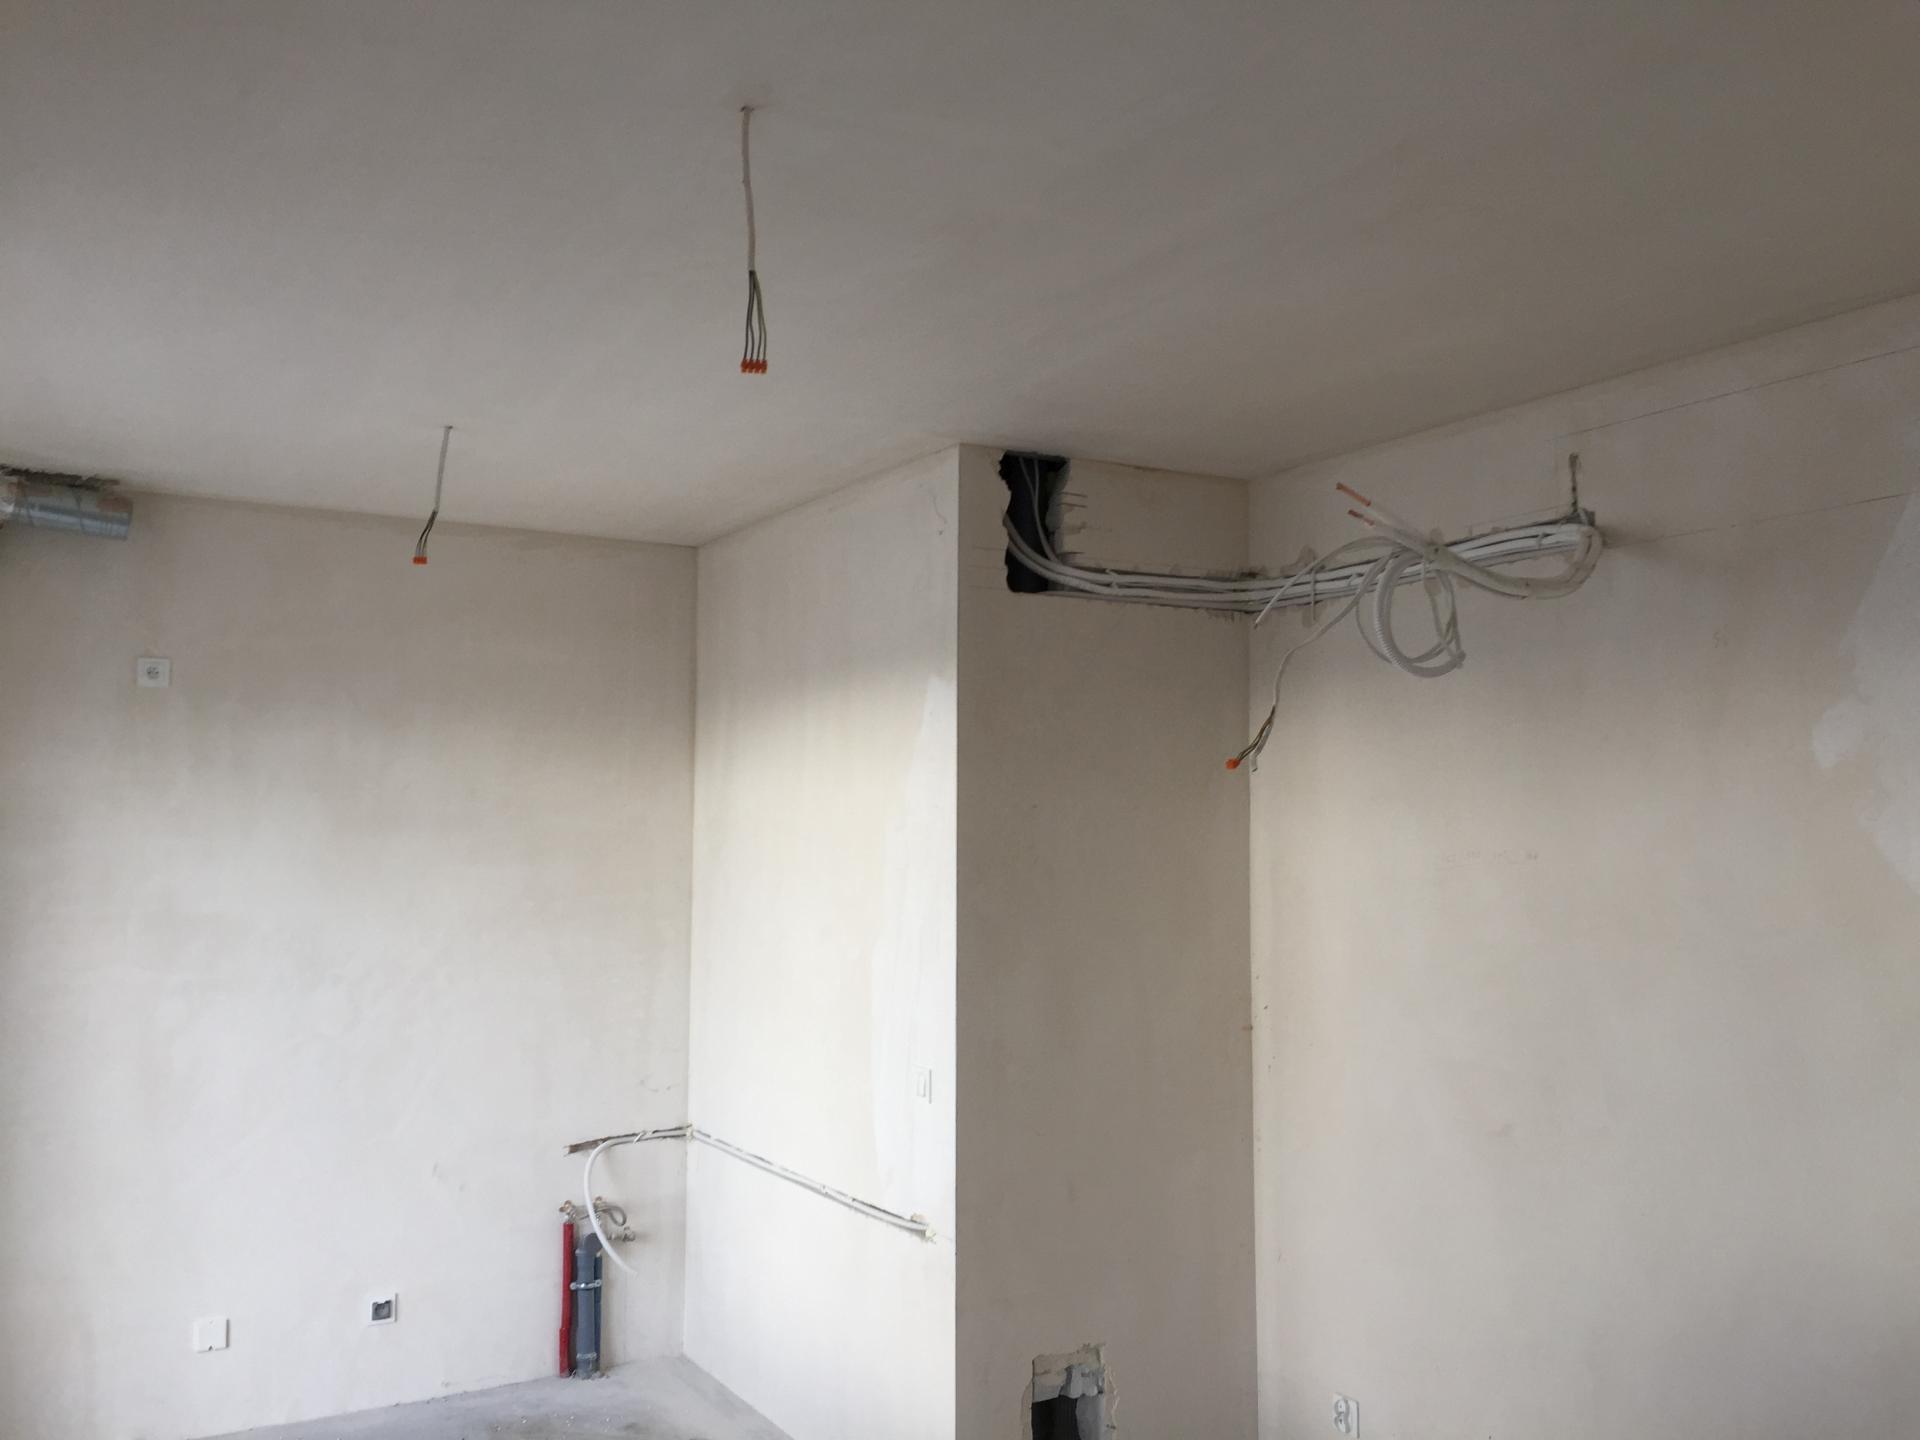 Montaż klimatyzatora Fuji Electric LM w mieszkaniu w trakcie budowy.